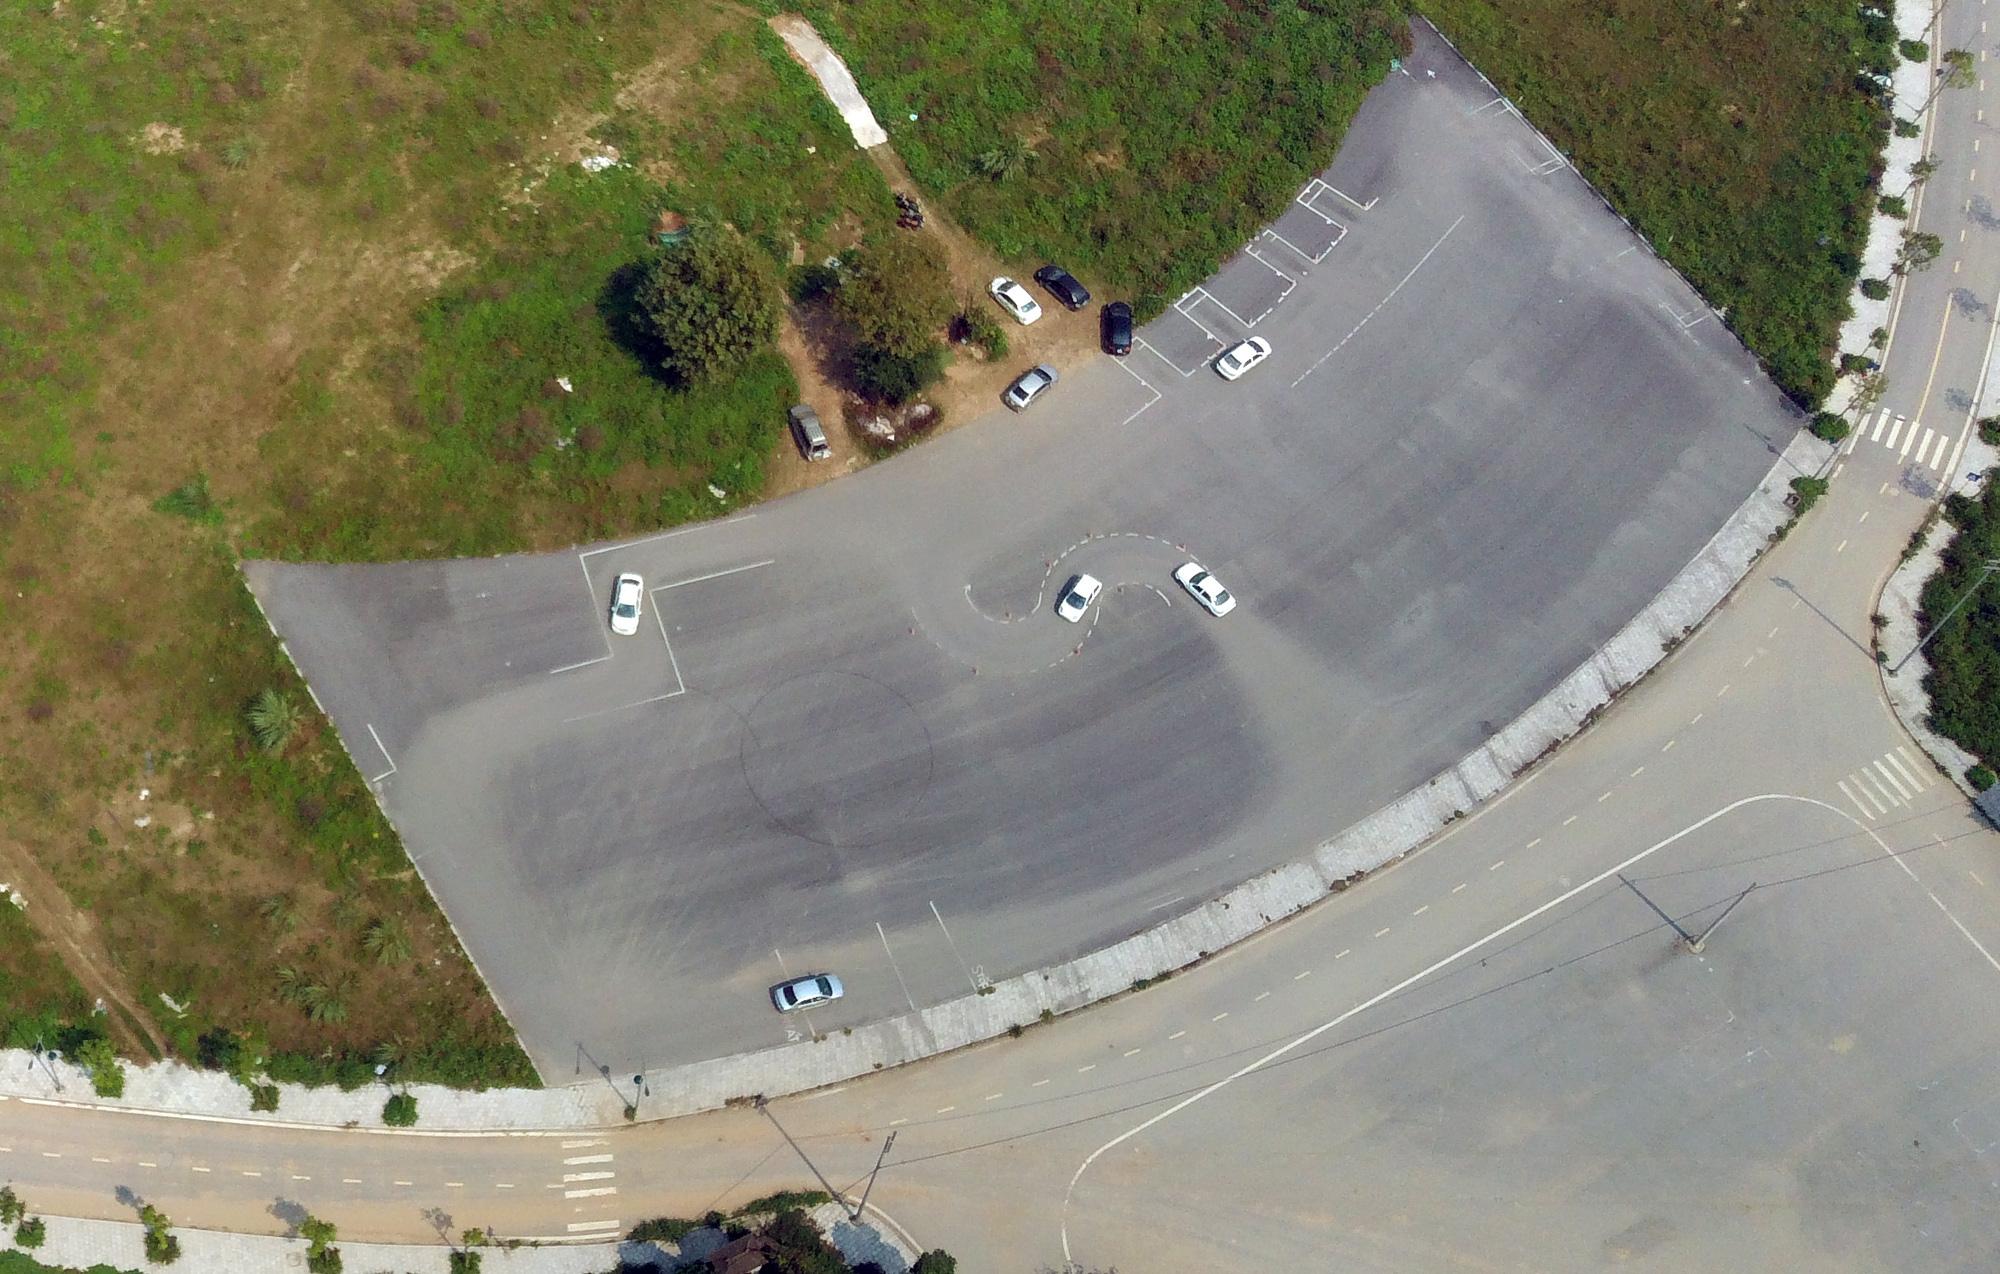 Phòng dịch Covid-19: Hà Nội tạm dừng đào tạo, sát hạch cấp giấy phép lái xe từ 23/3 - Ảnh 1.